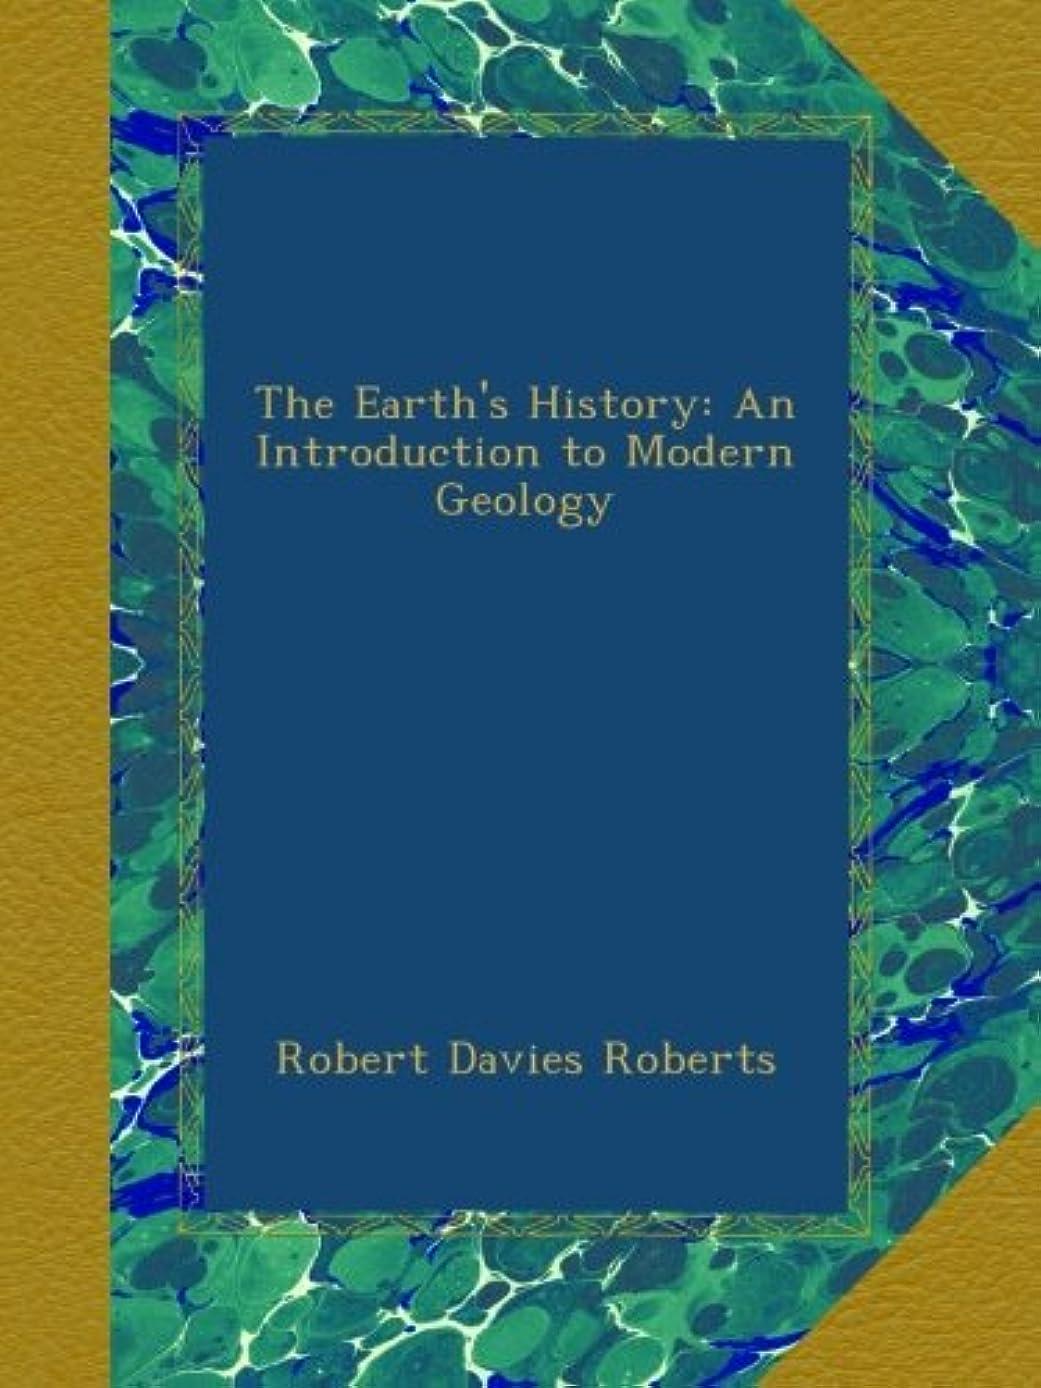 建設豊かな不機嫌The Earth's History: An Introduction to Modern Geology